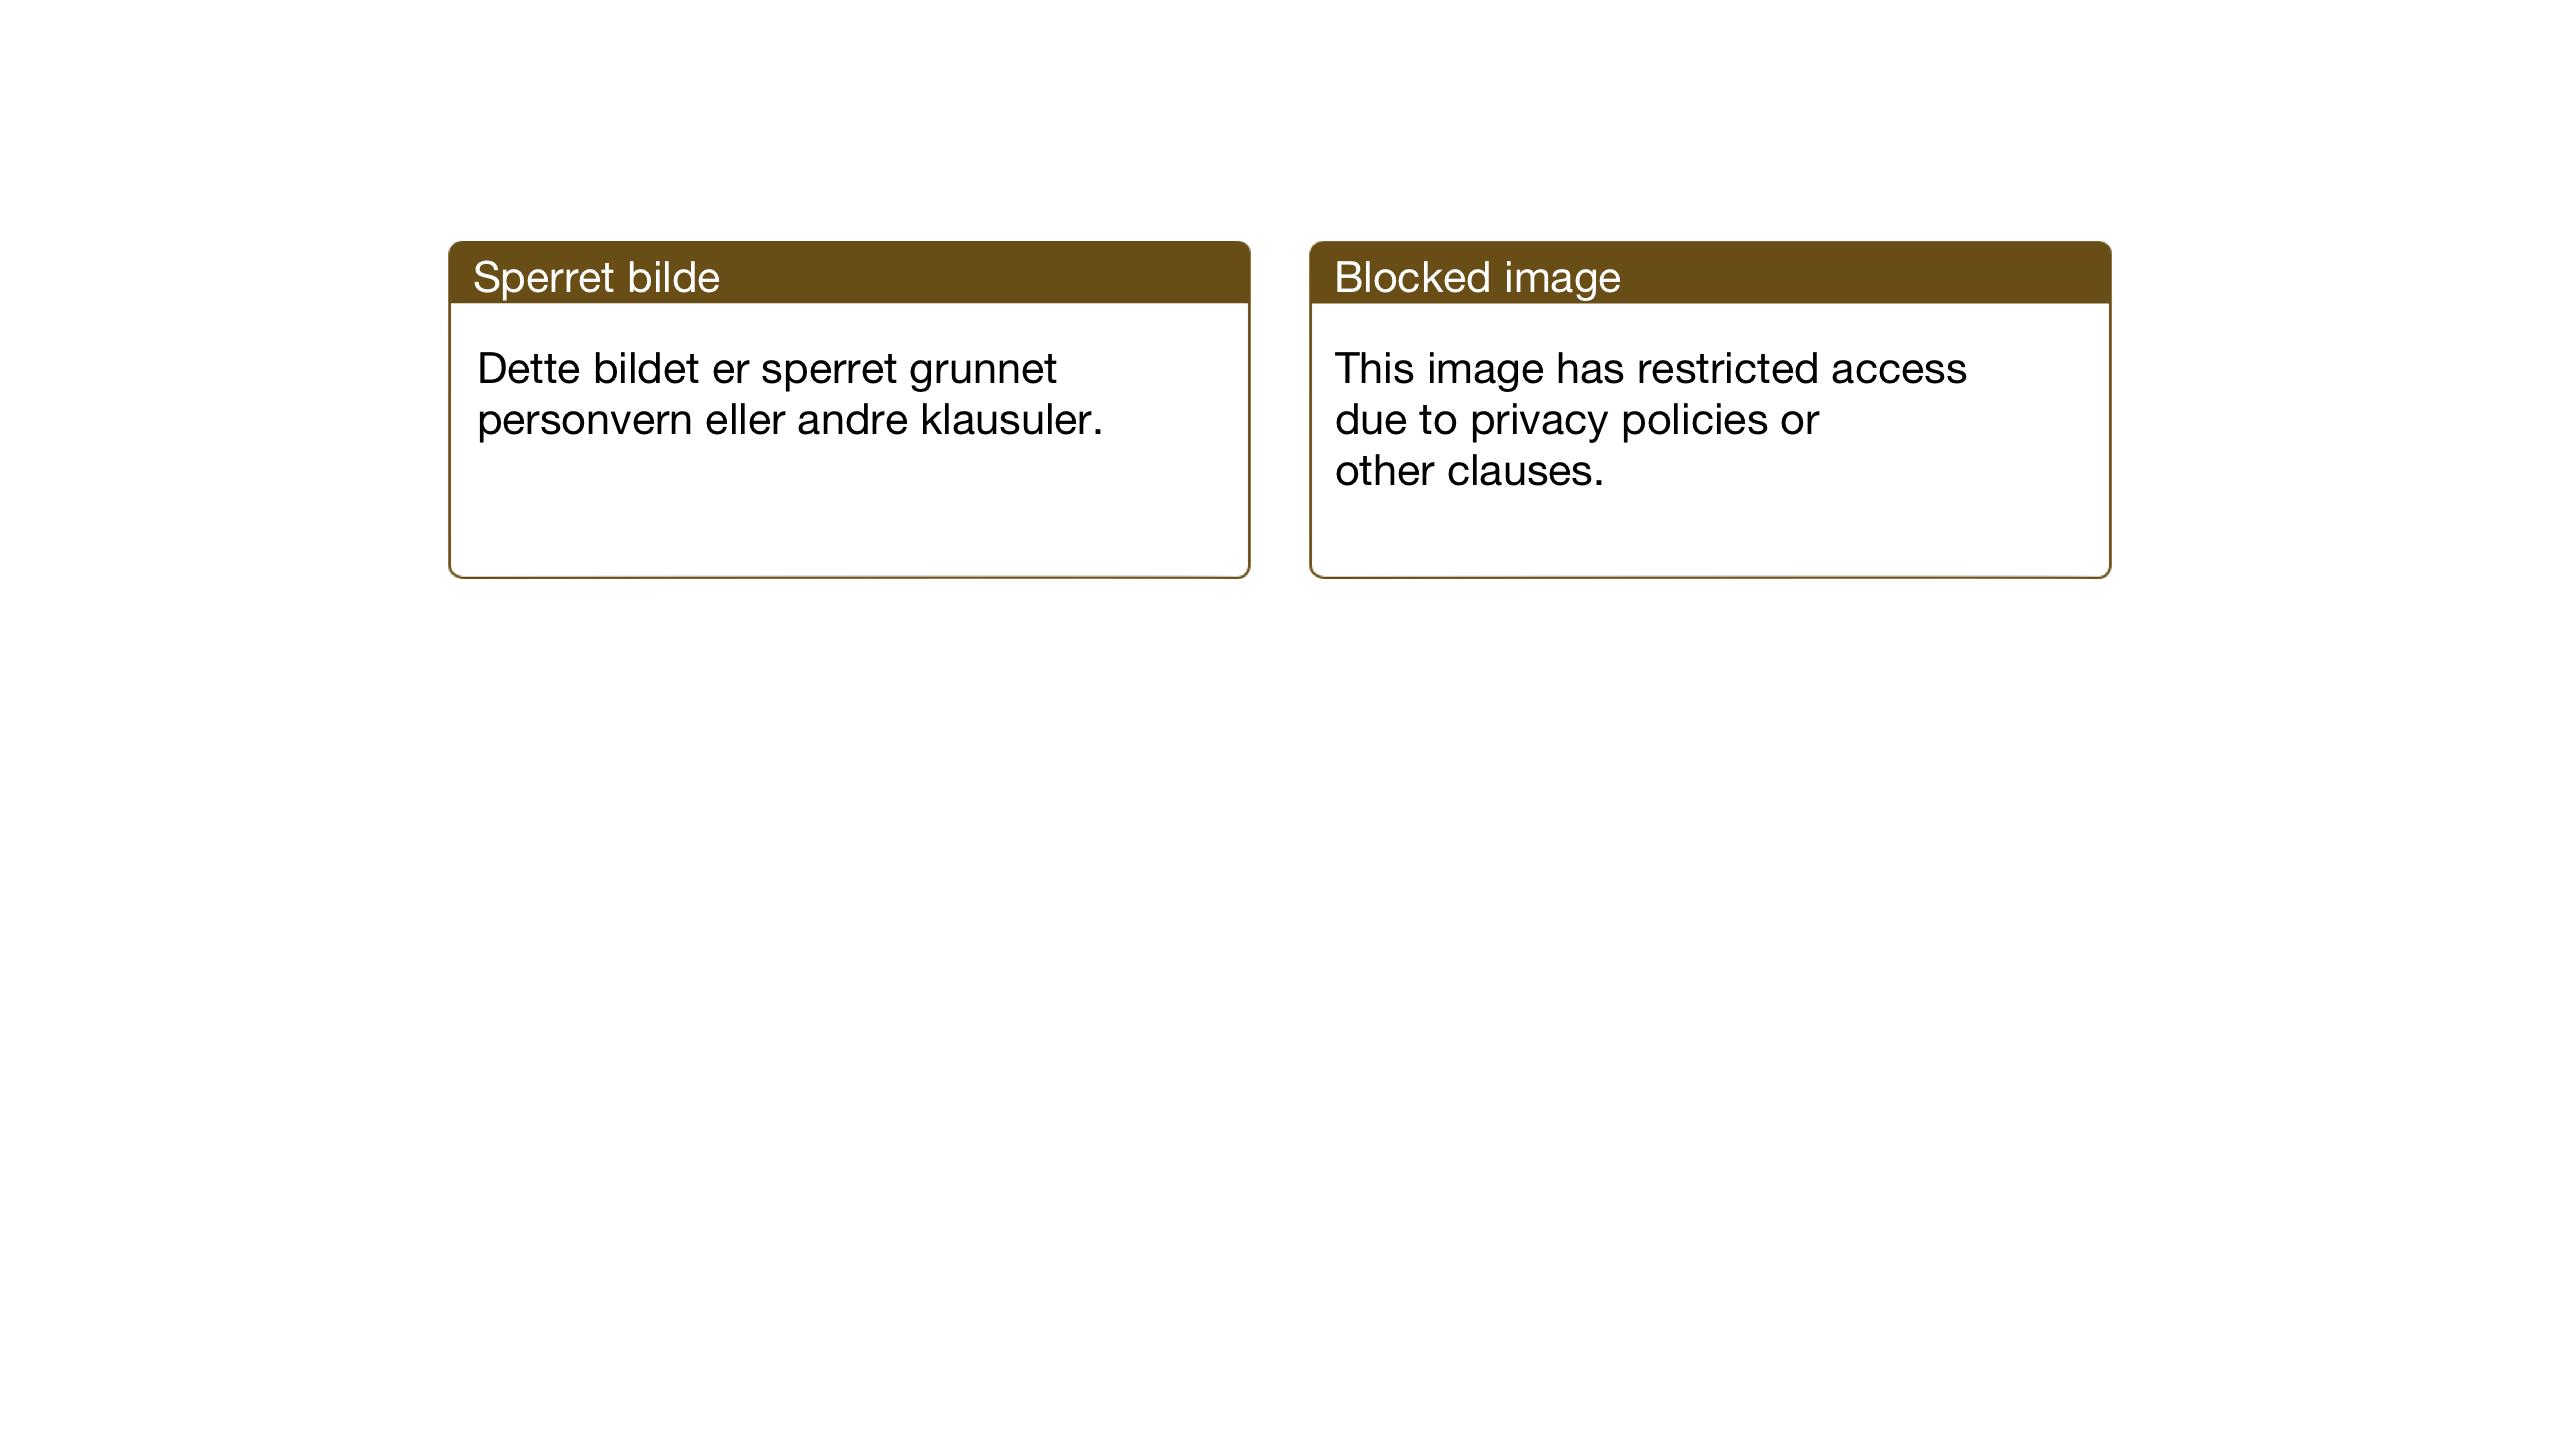 SAT, Ministerialprotokoller, klokkerbøker og fødselsregistre - Nord-Trøndelag, 786/L0689: Klokkerbok nr. 786C01, 1940-1948, s. 84-85